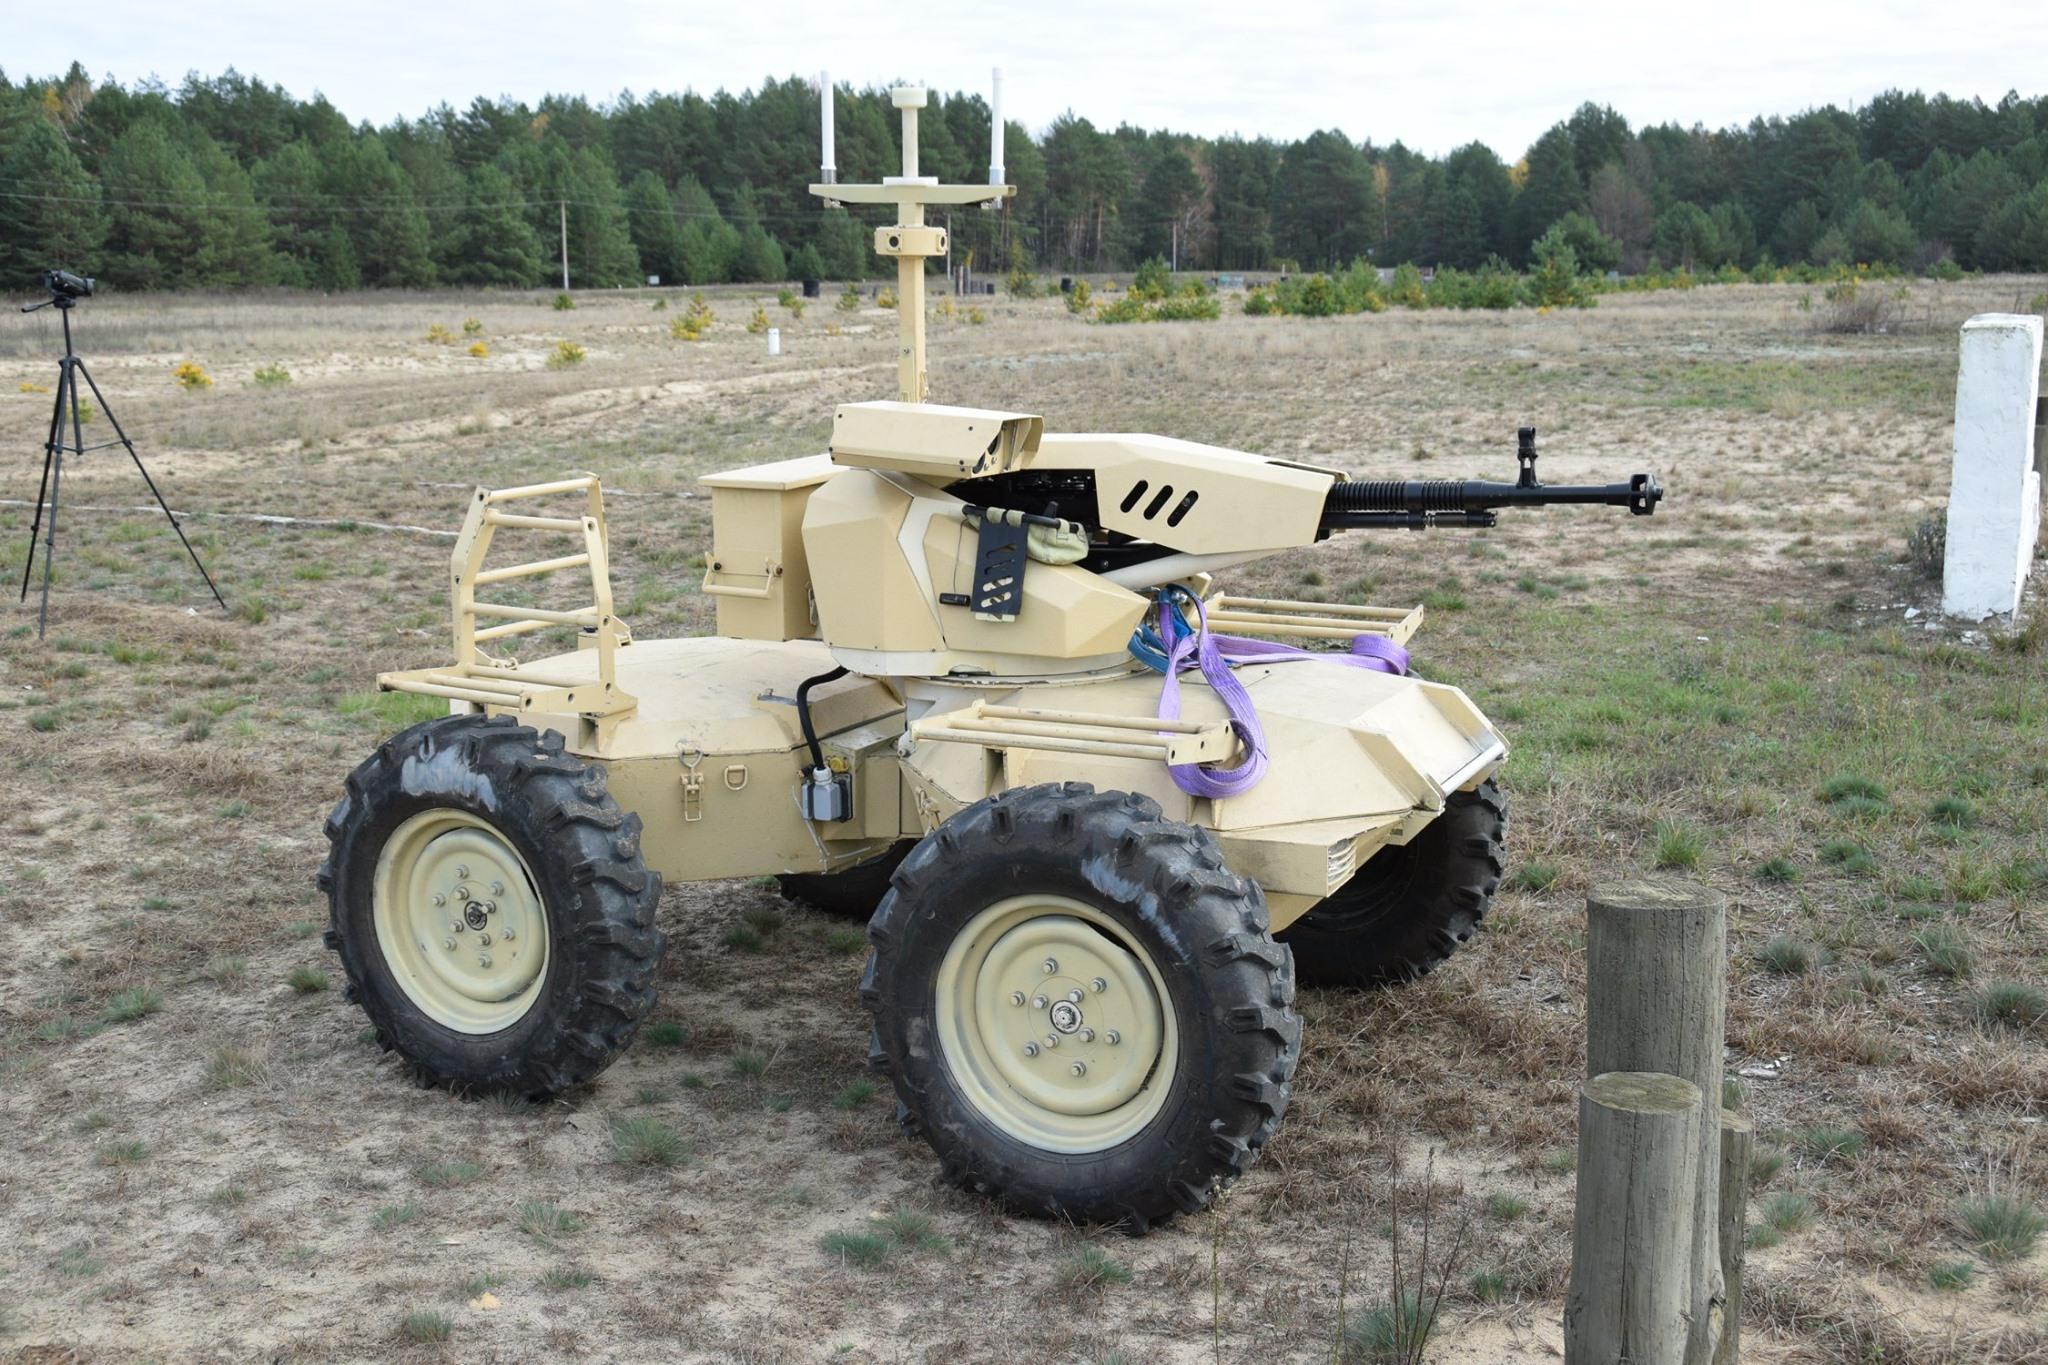 Робот Camel для армії пройшов випробування на полігоні